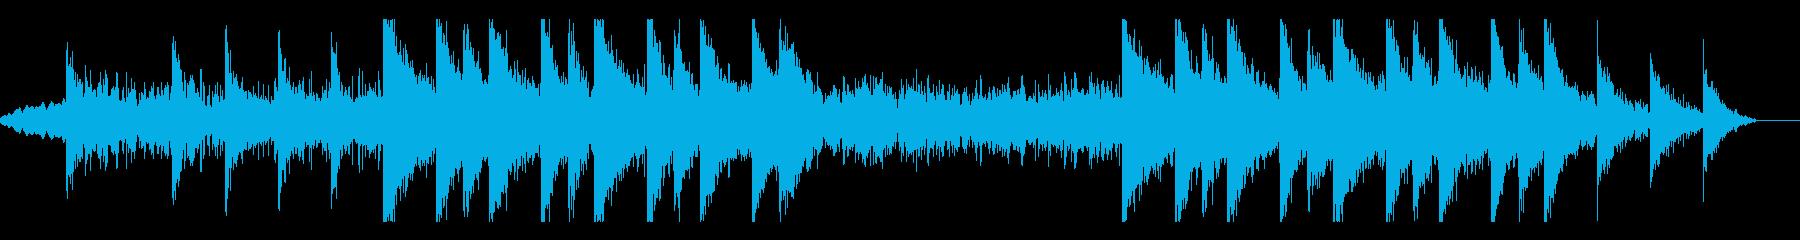 緊張感あるシネマティックの再生済みの波形